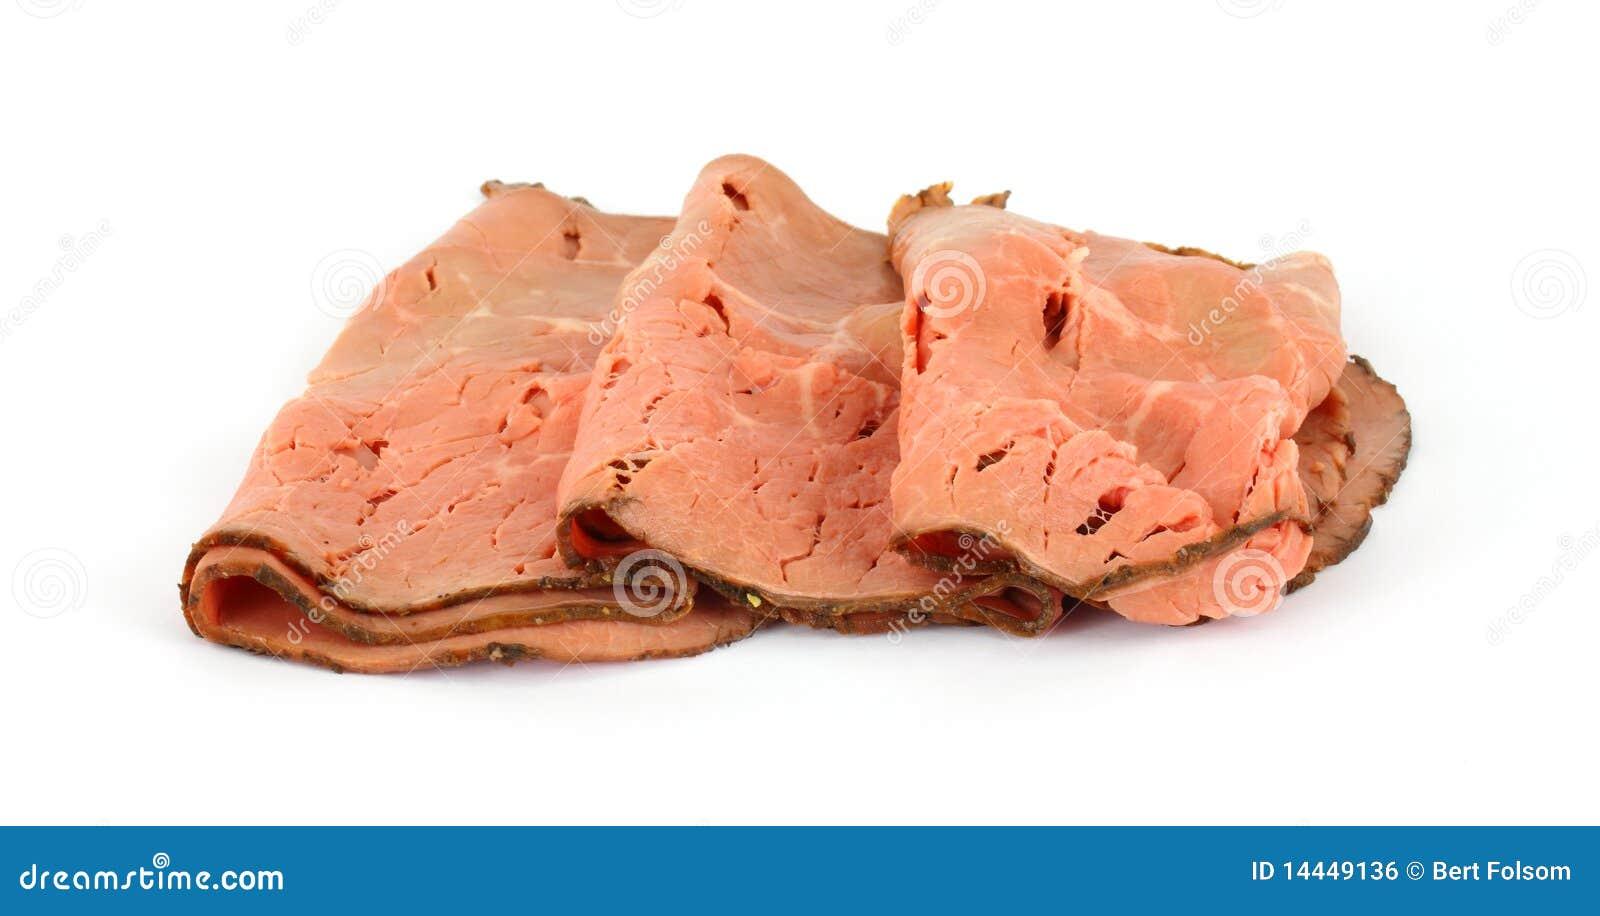 Sliced roast beef package - Several Slices Of Fresh Roast Beef